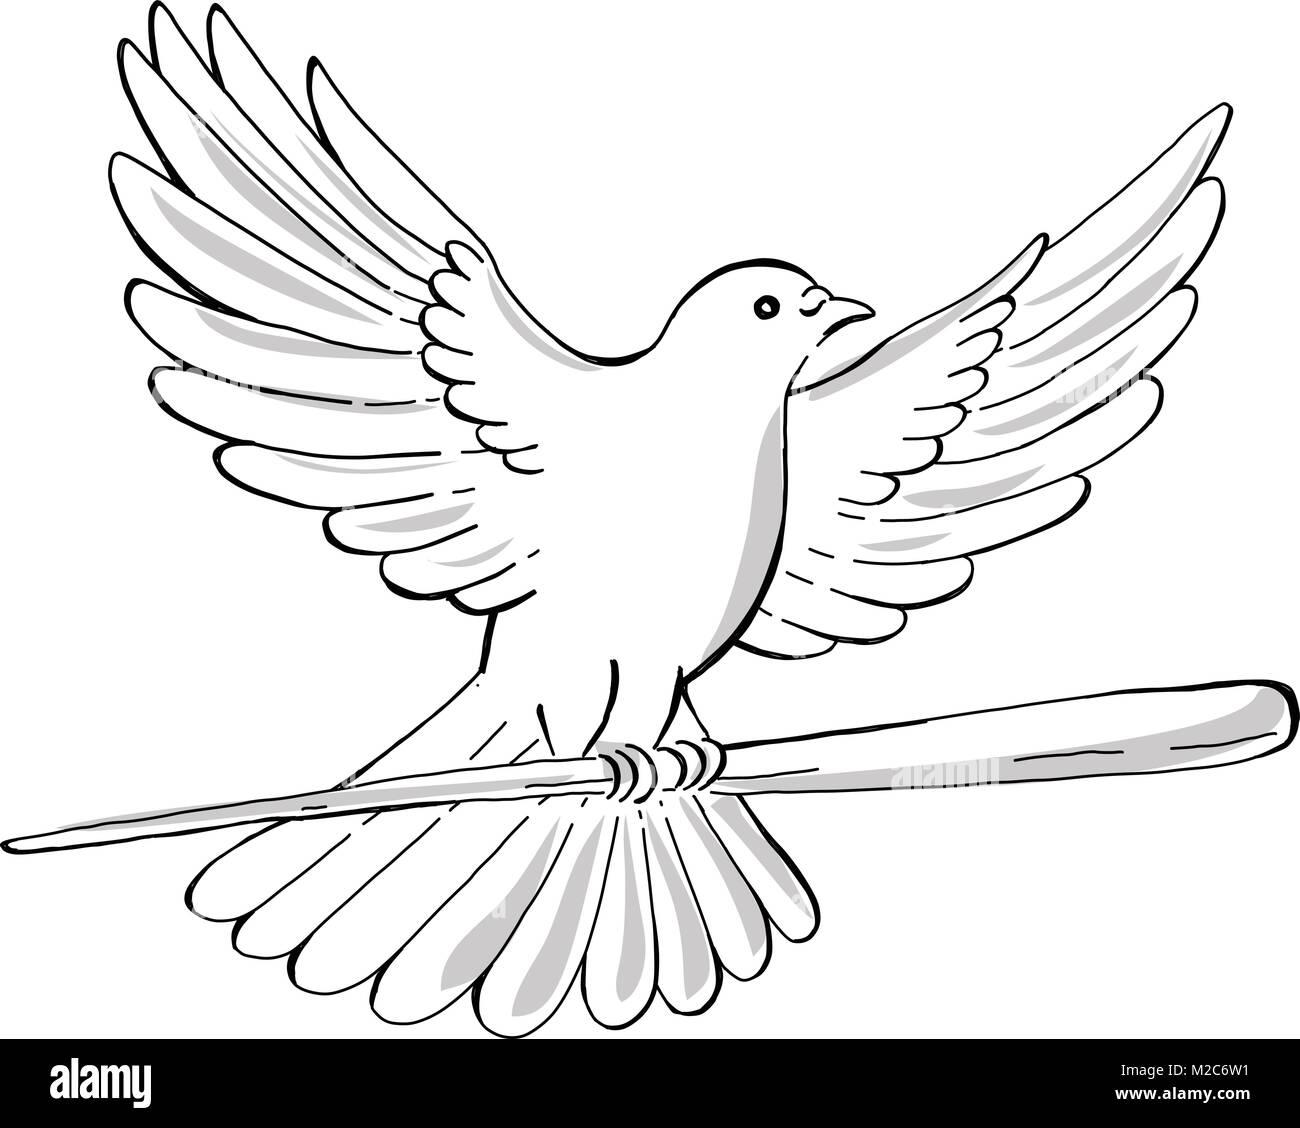 Estilo Boceto Dibujo Ilustración De Un Auge De La Paloma O La Paloma